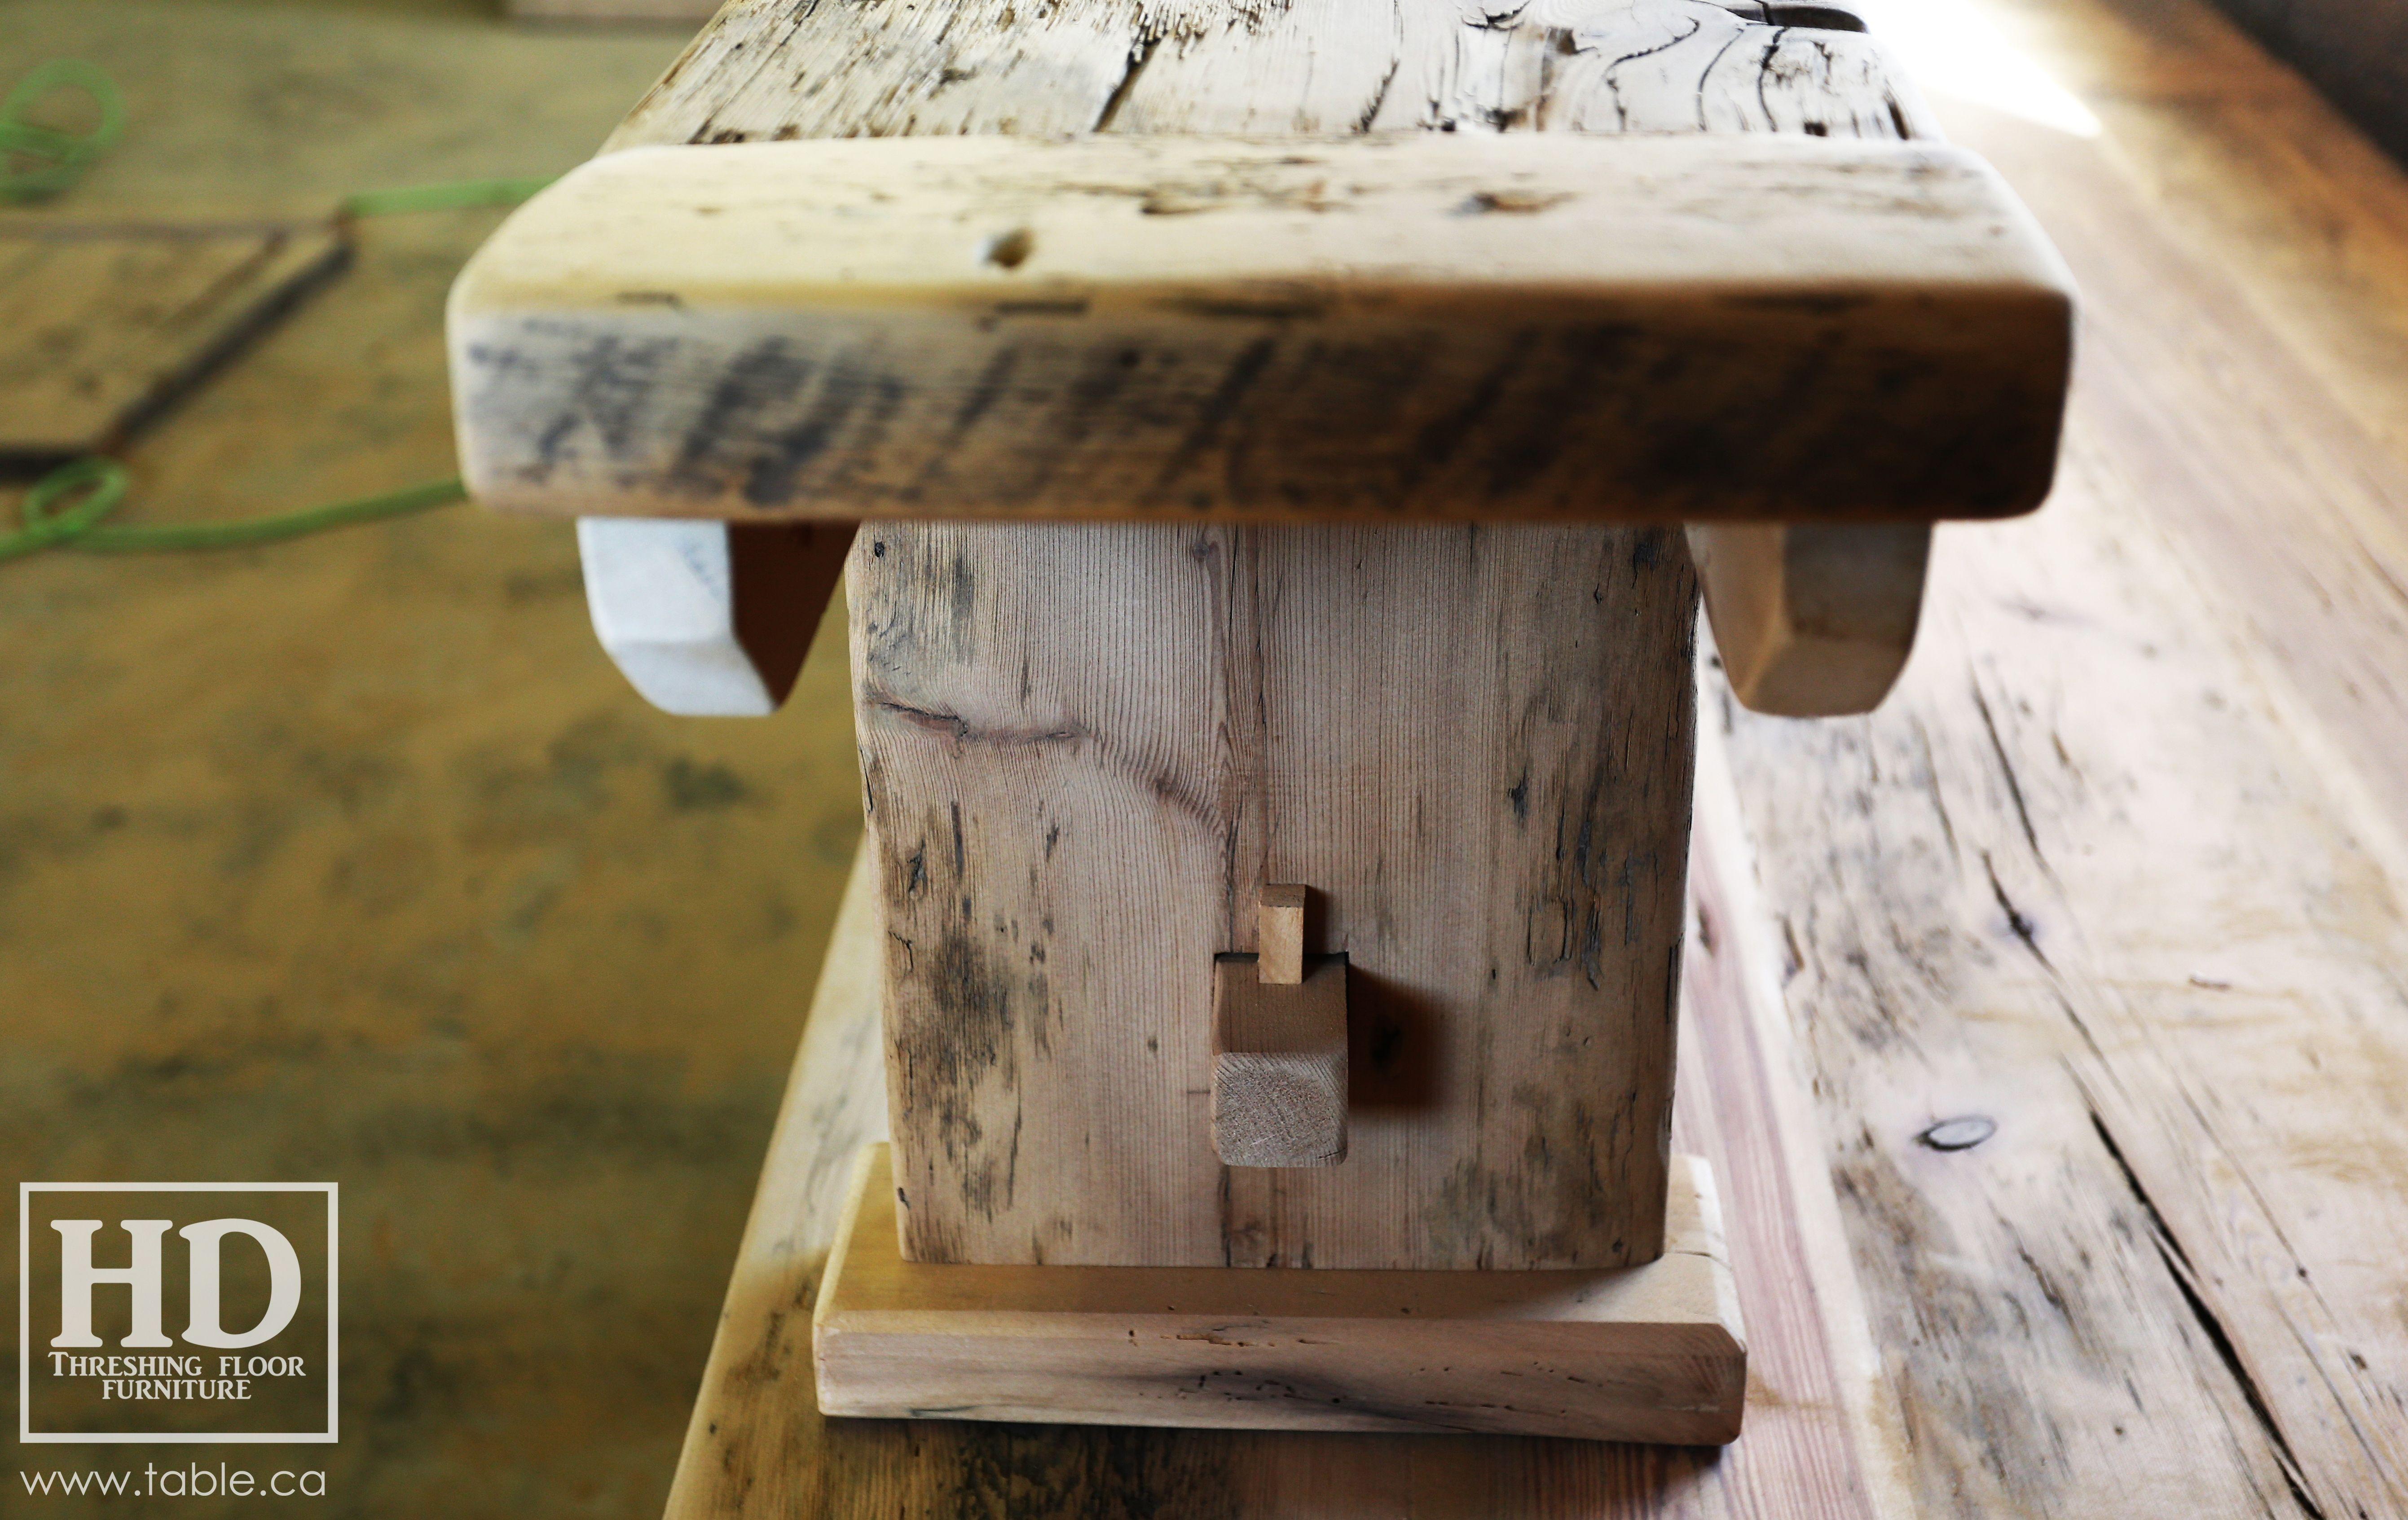 Ontario Reclaimed Wood Mennonite Furniture By Hd Threshing Floor